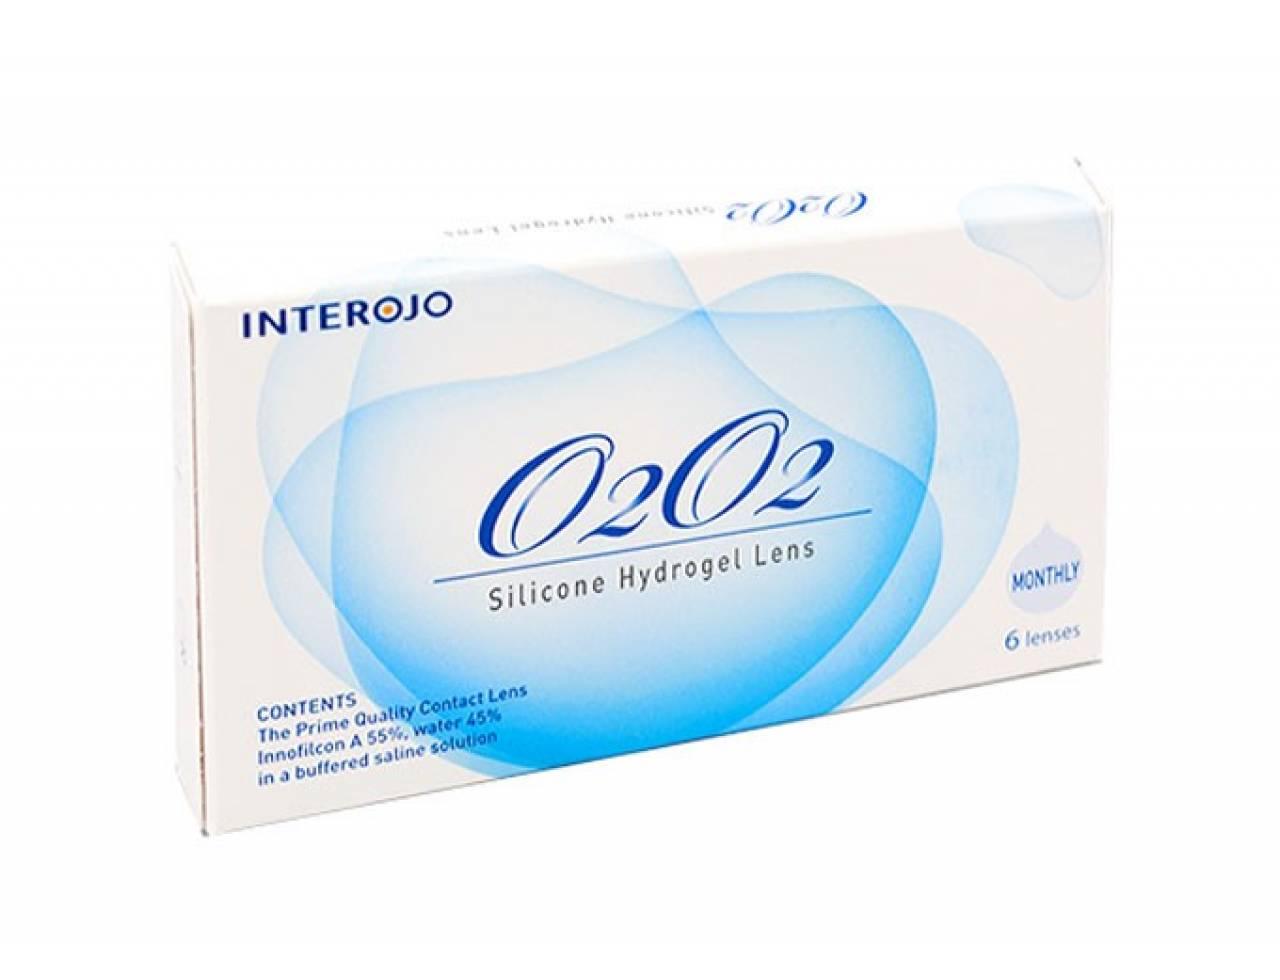 Месячные контактные линзы Interojo O2O2 - Фото №7